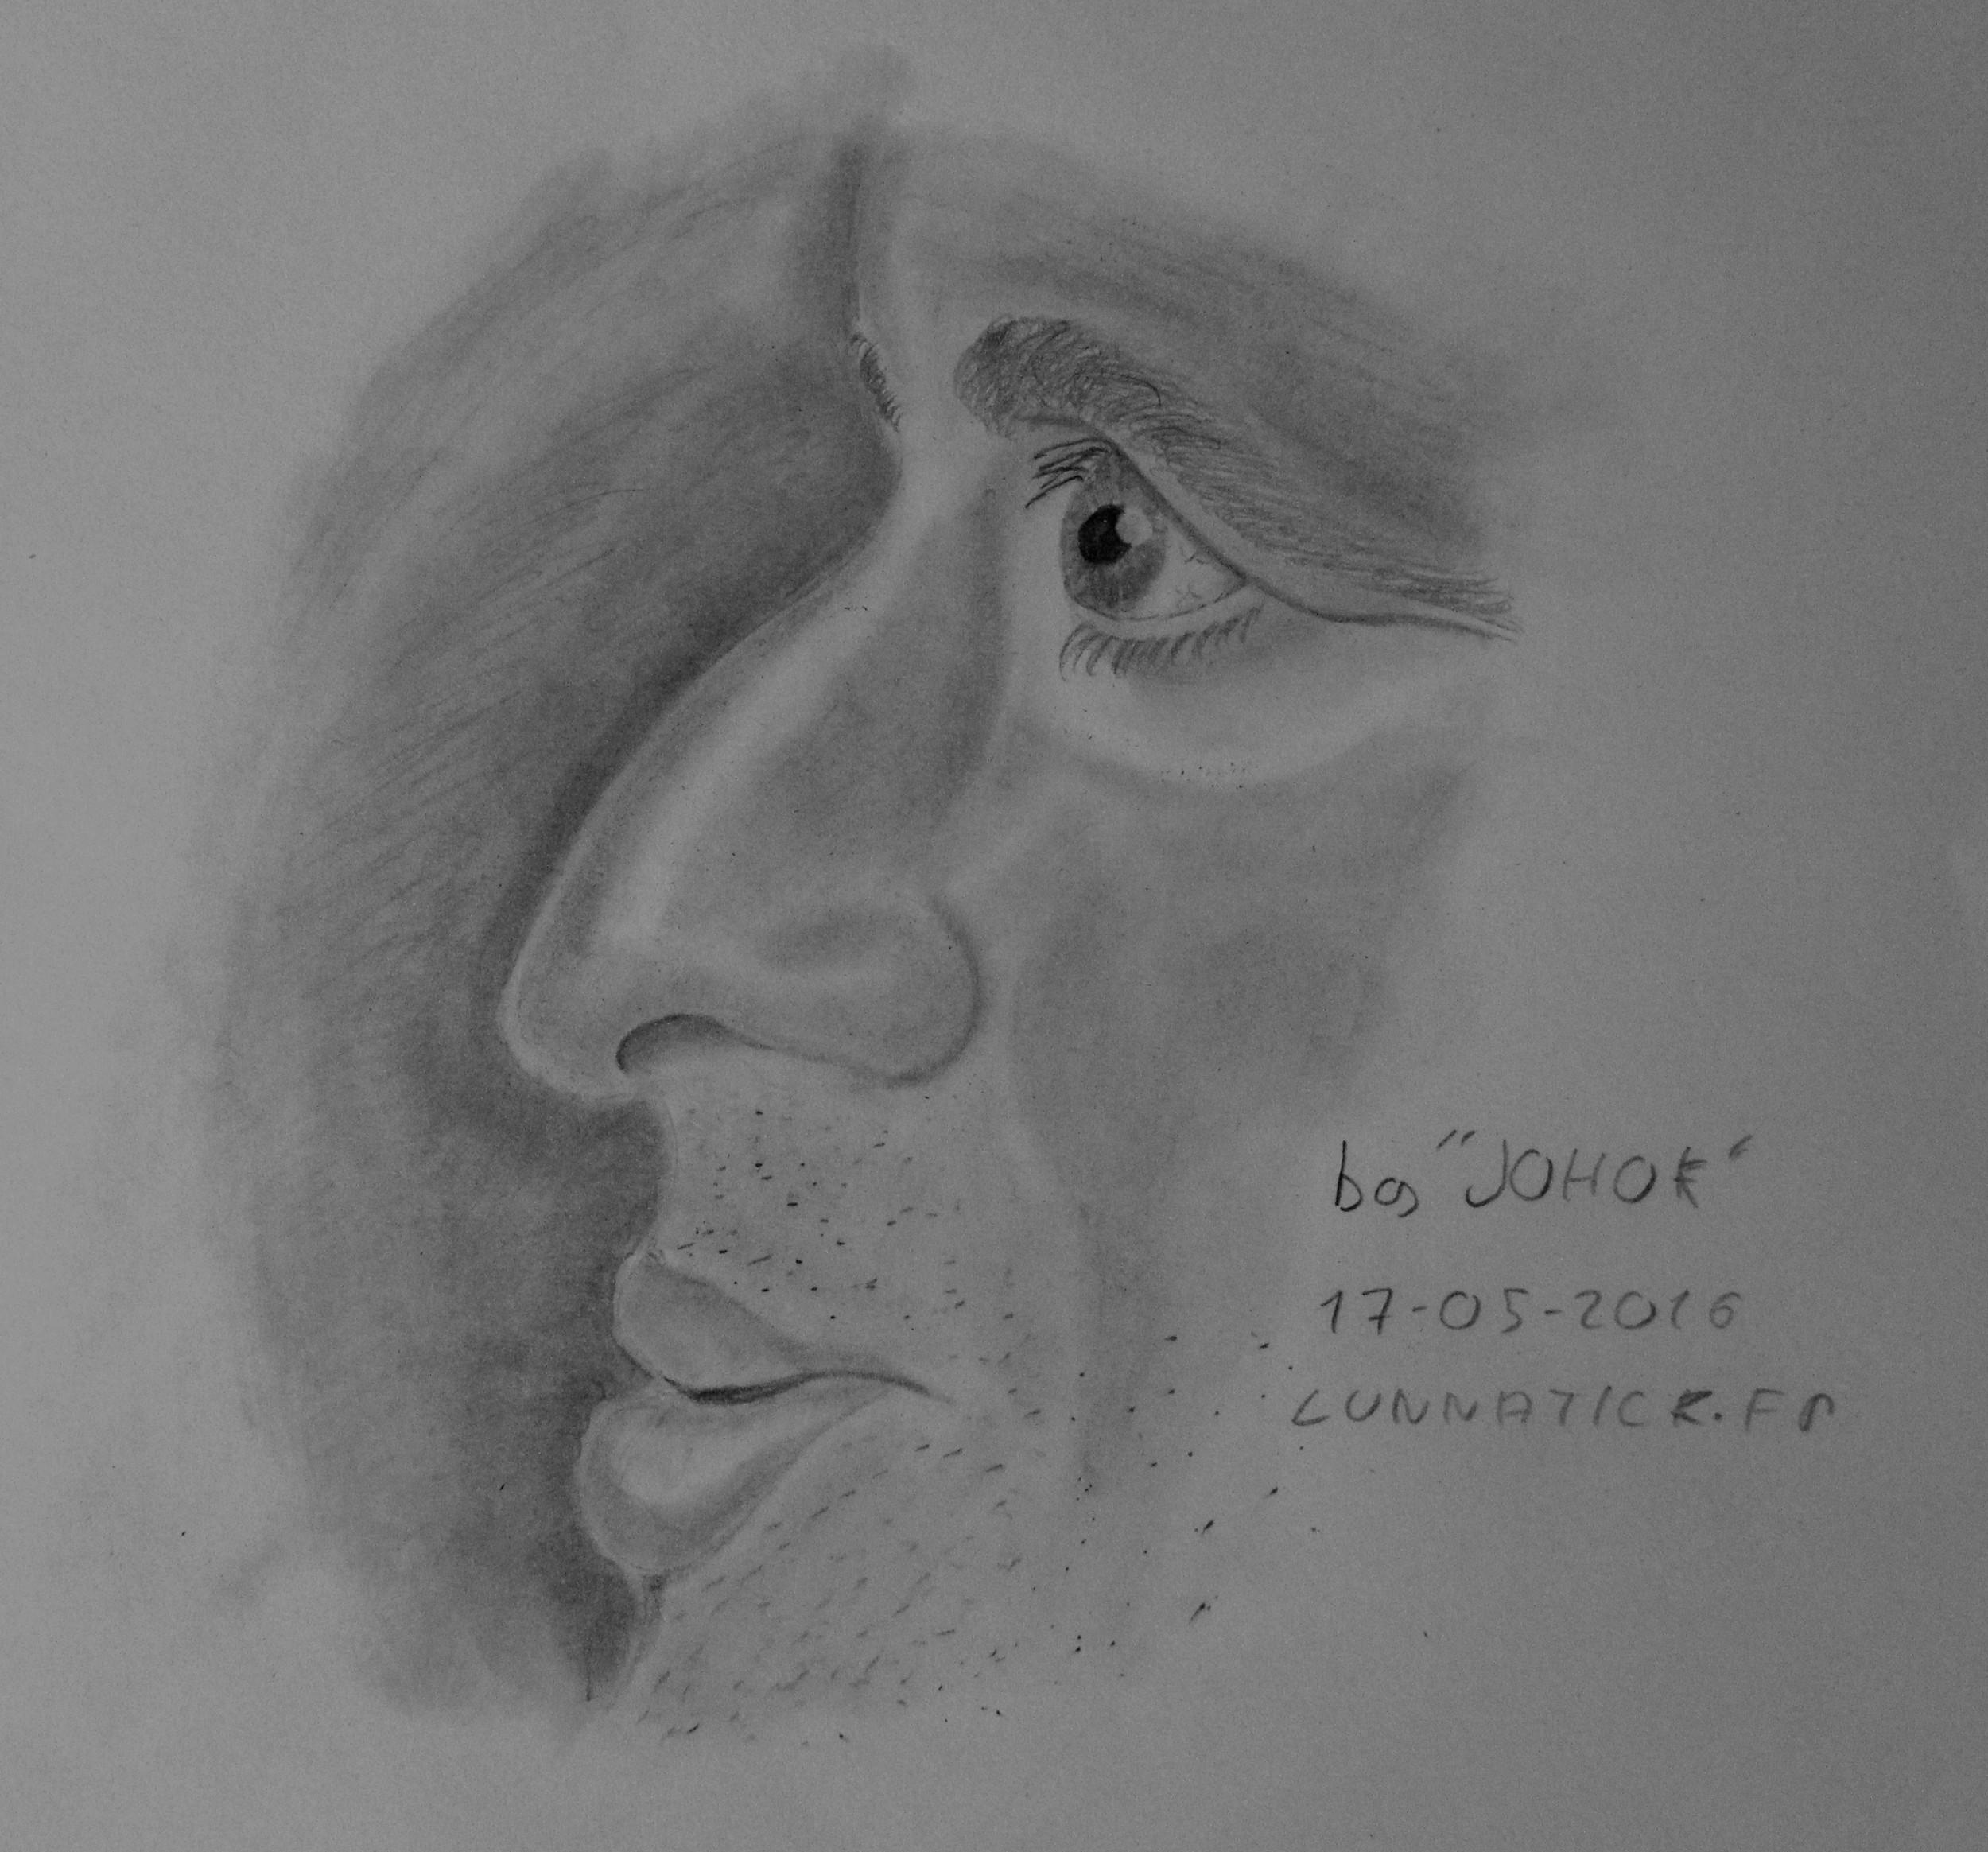 Franck_Profile_dss_1_tof_1d